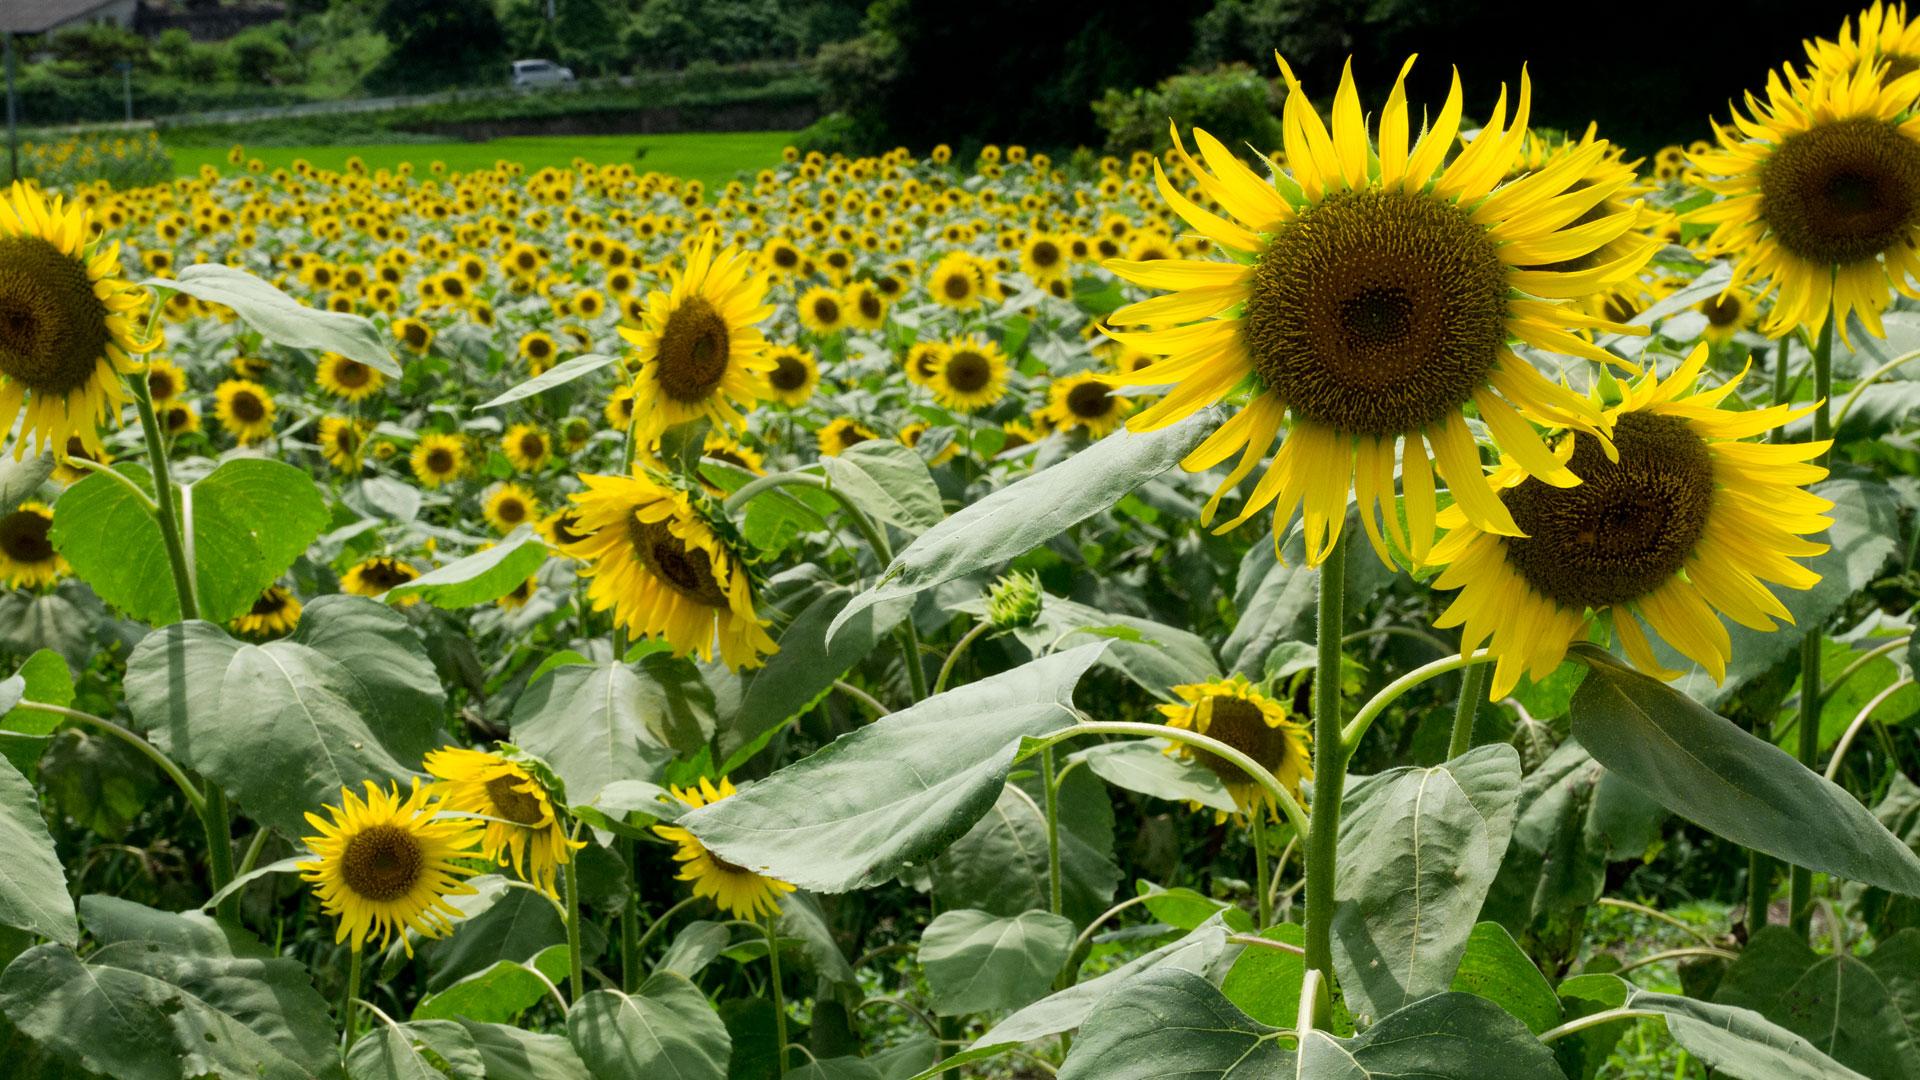 夏の景色 向日葵畑のデスクトップ壁紙 ワイド画面 1920 1080